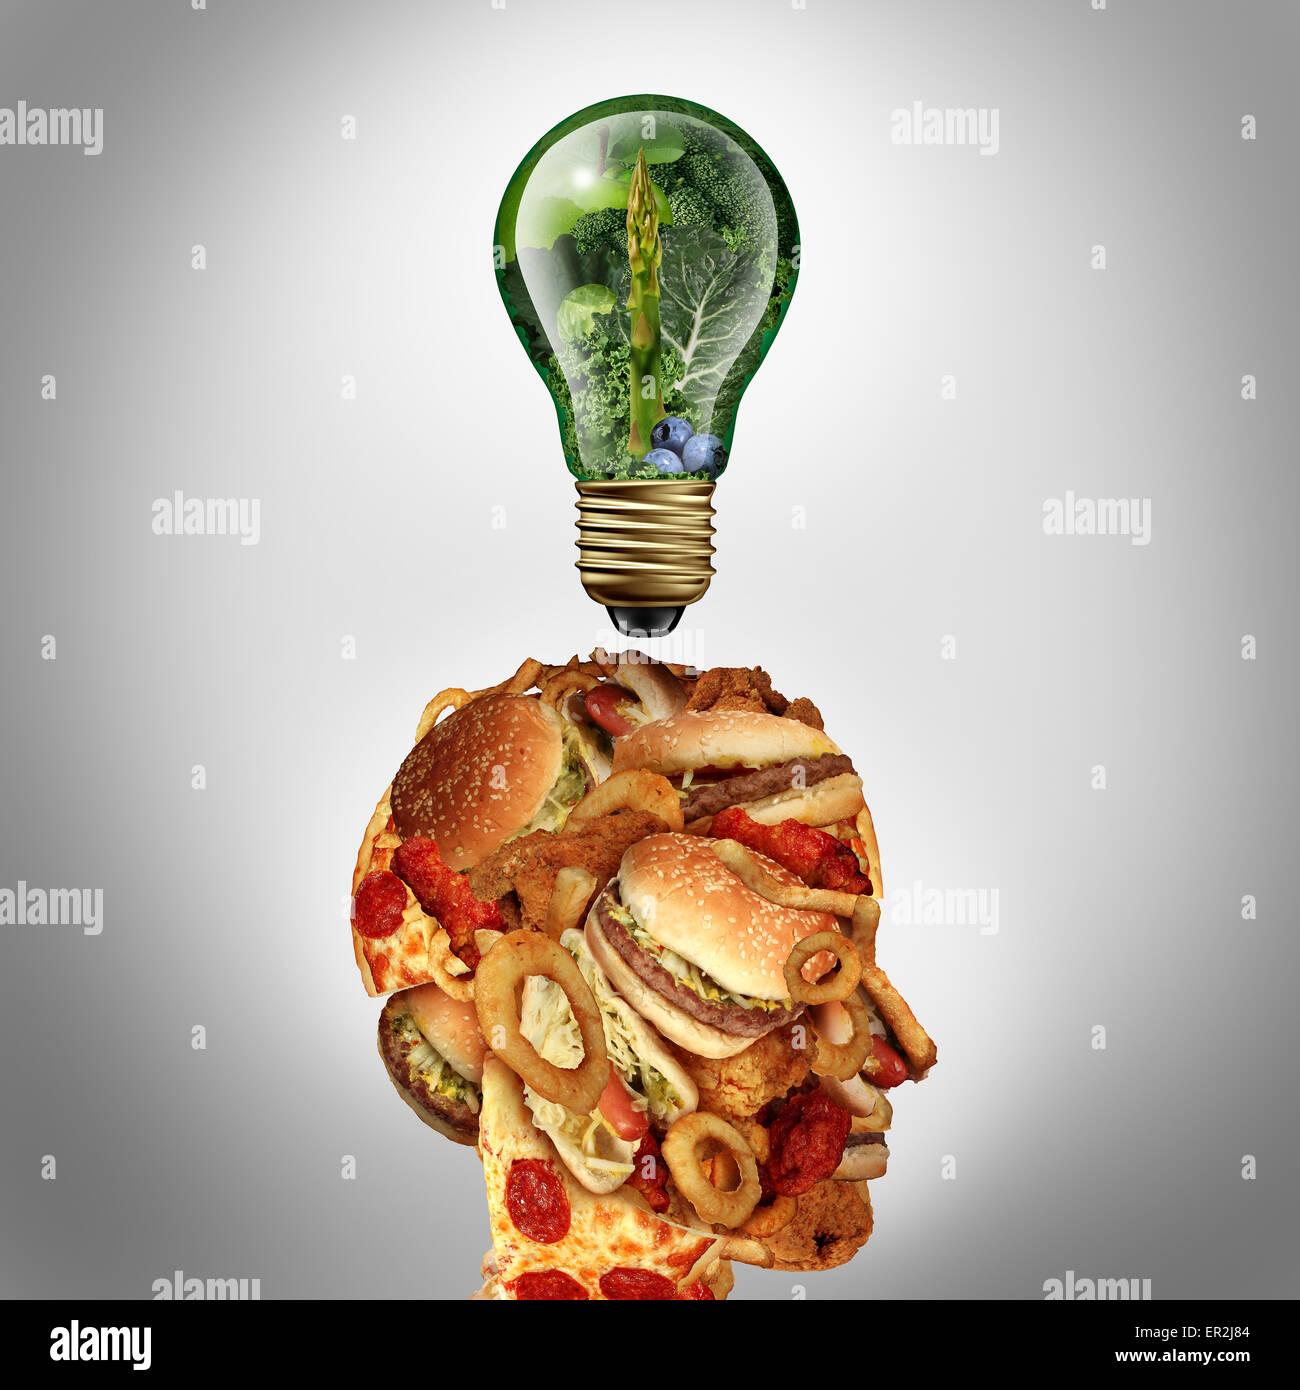 Diät-Motivation und Diät Inspiration Konzept als ein menschlicher Kopf von fettigen Junk Food mit einem Stockbild